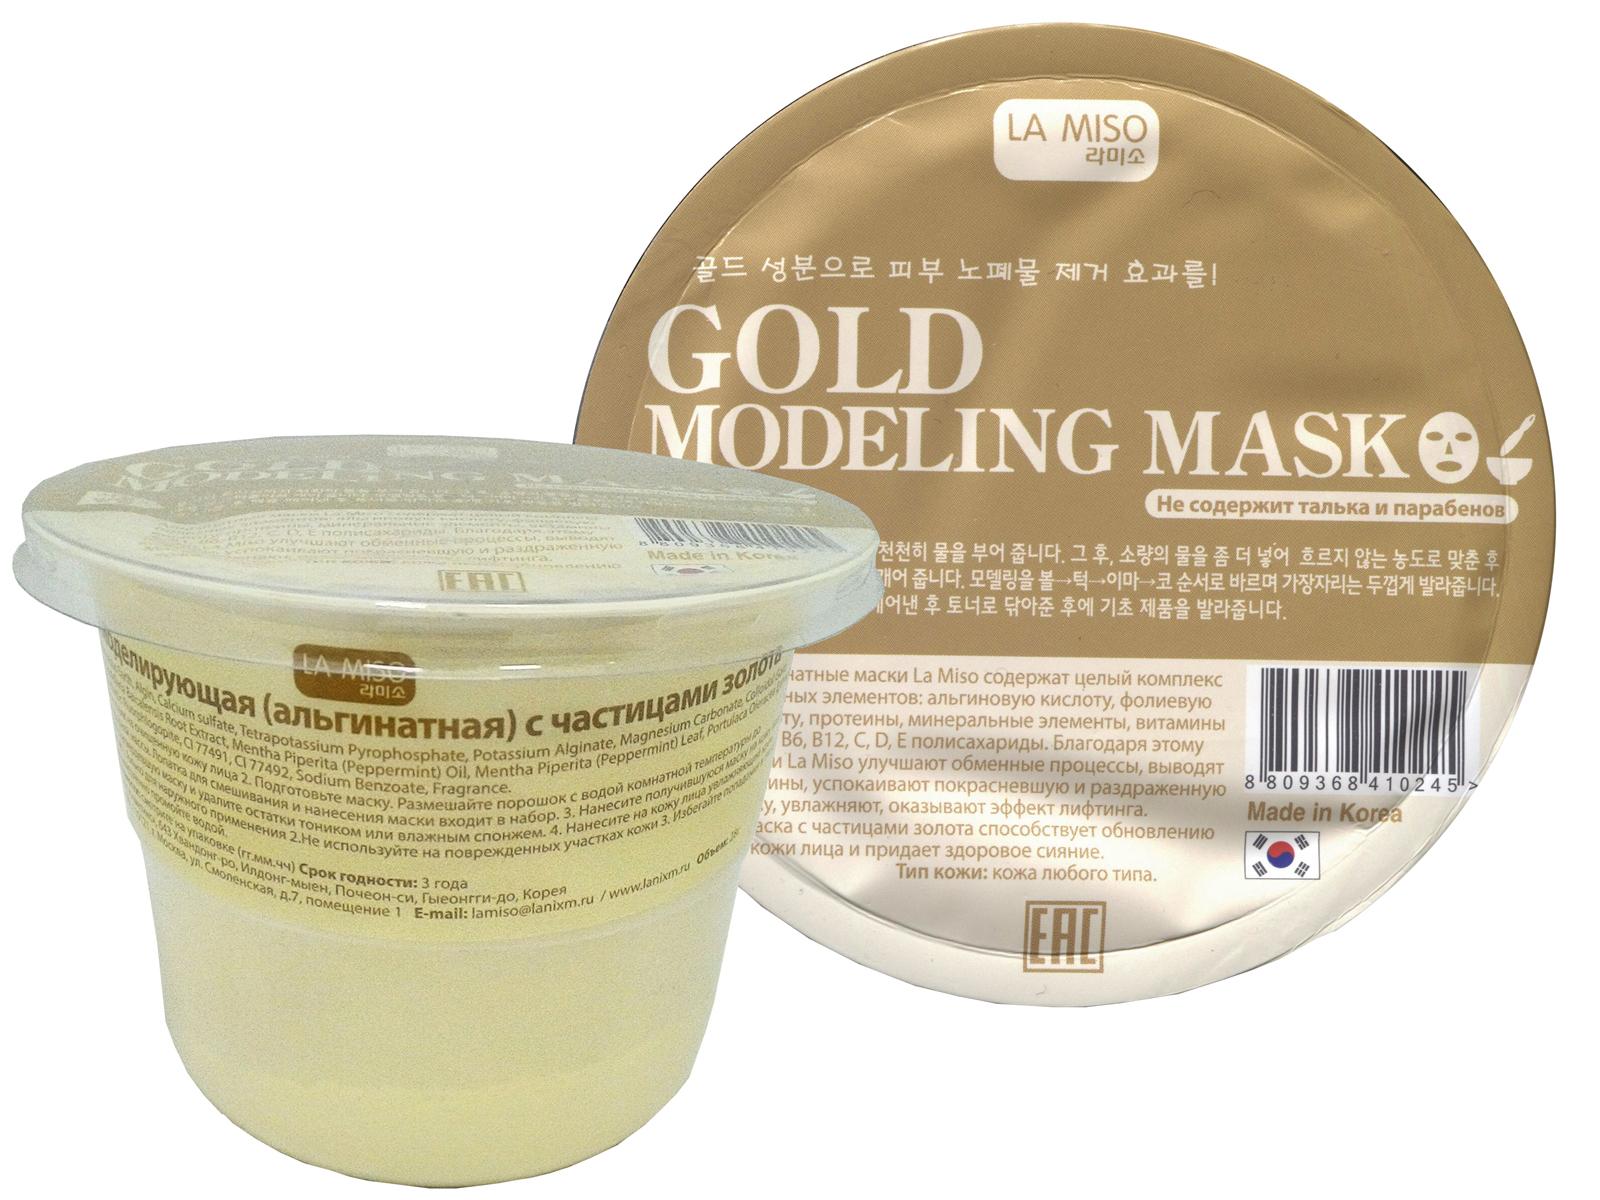 La Miso Маска моделирующая, альгинатная с частицами золота, 28 г8809368410245Альгинатные маски La Miso содержат целый комплекс полезных элементов: альгиновую кислоту, фолиевую кислоту, протеины, минеральные элементы, витамины A, B1, B6, B12, C, D, E полисахариды. Благодаря этому маски La Miso улучшают обменные процессы, выводят токсины, успокаивают покрасневшую и раздраженную кожу, увлажняют, оказывают эффект лифтинга.